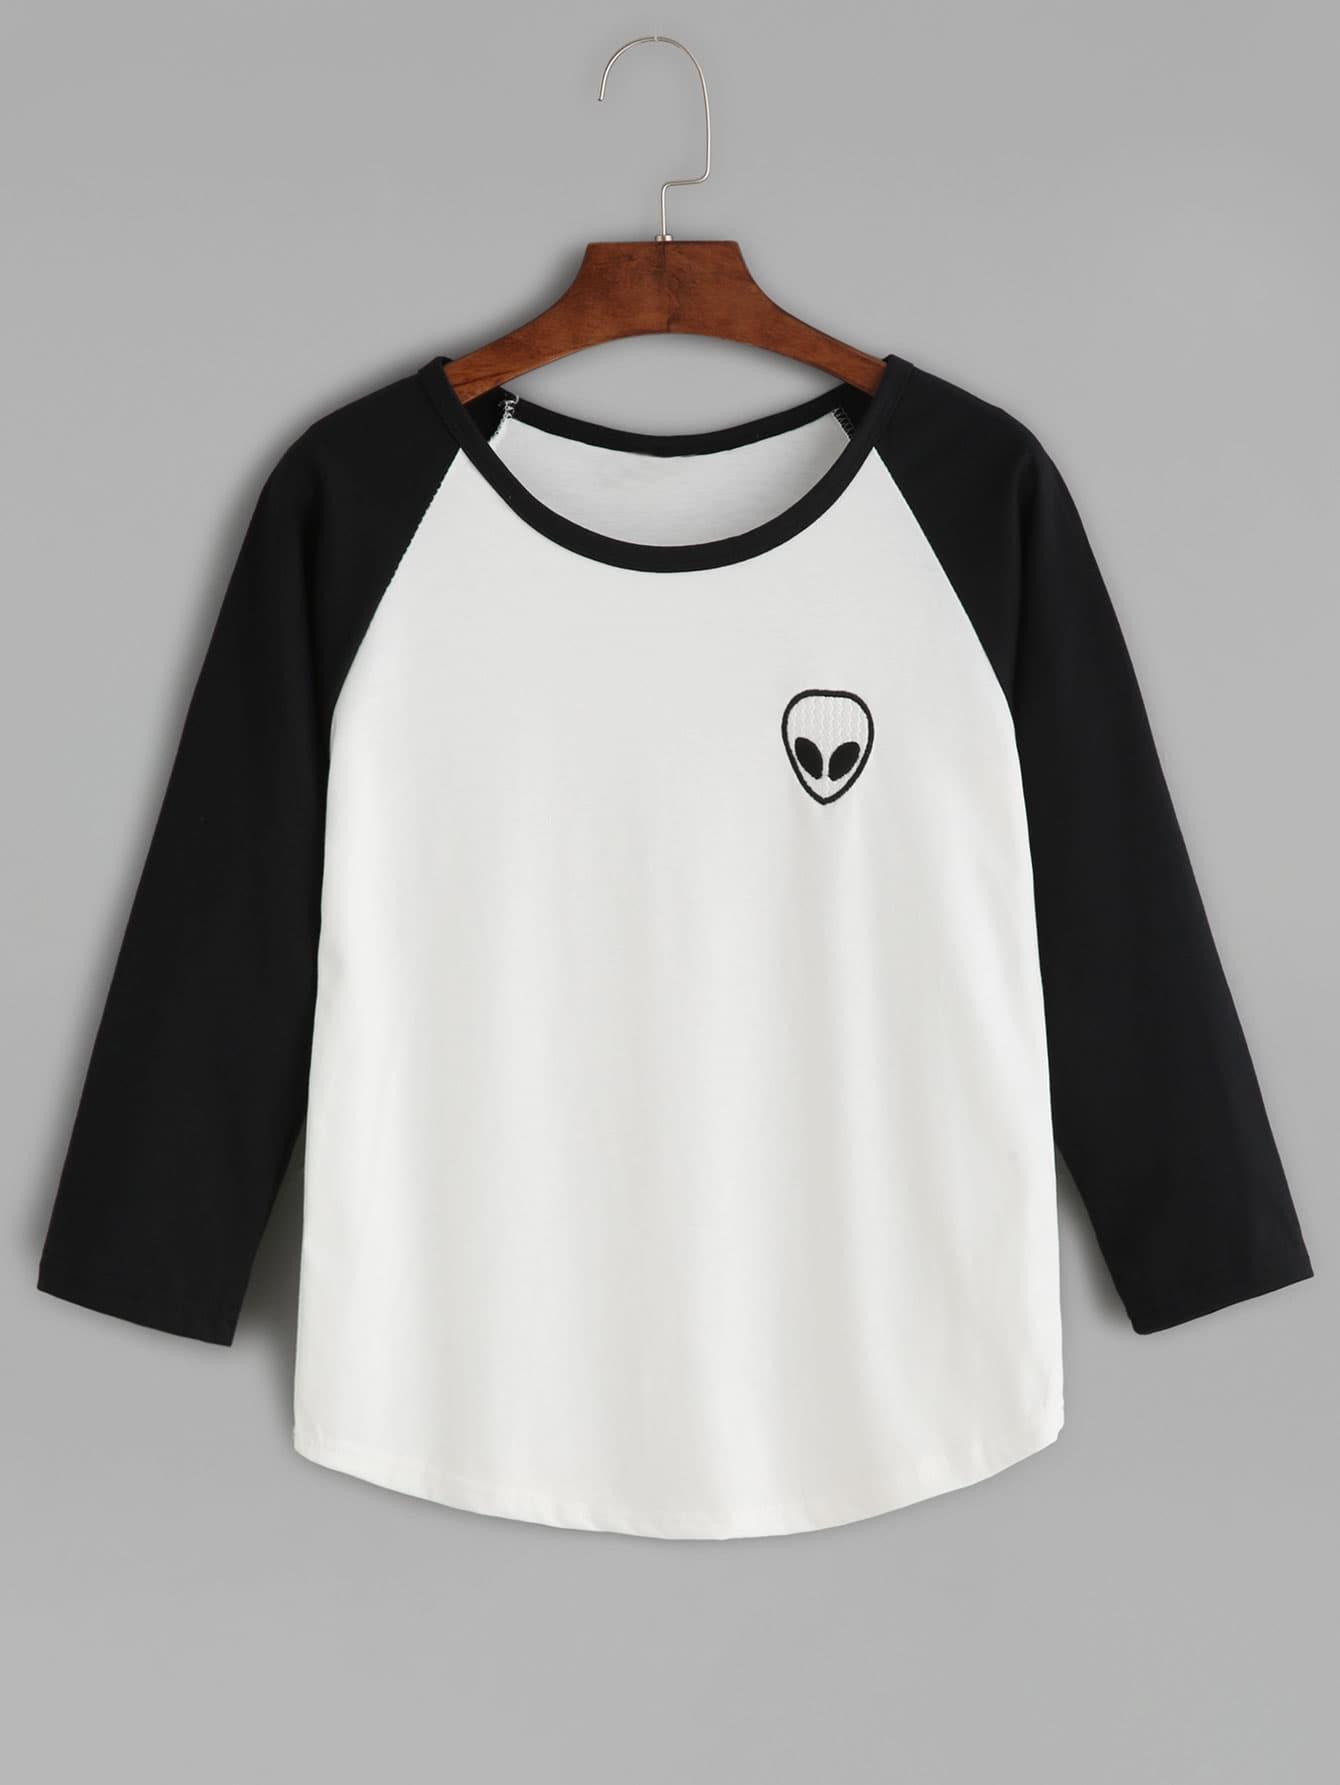 Black Alien Embroidered Raglan Sleeve Curved Hem T-shirt tee160819122